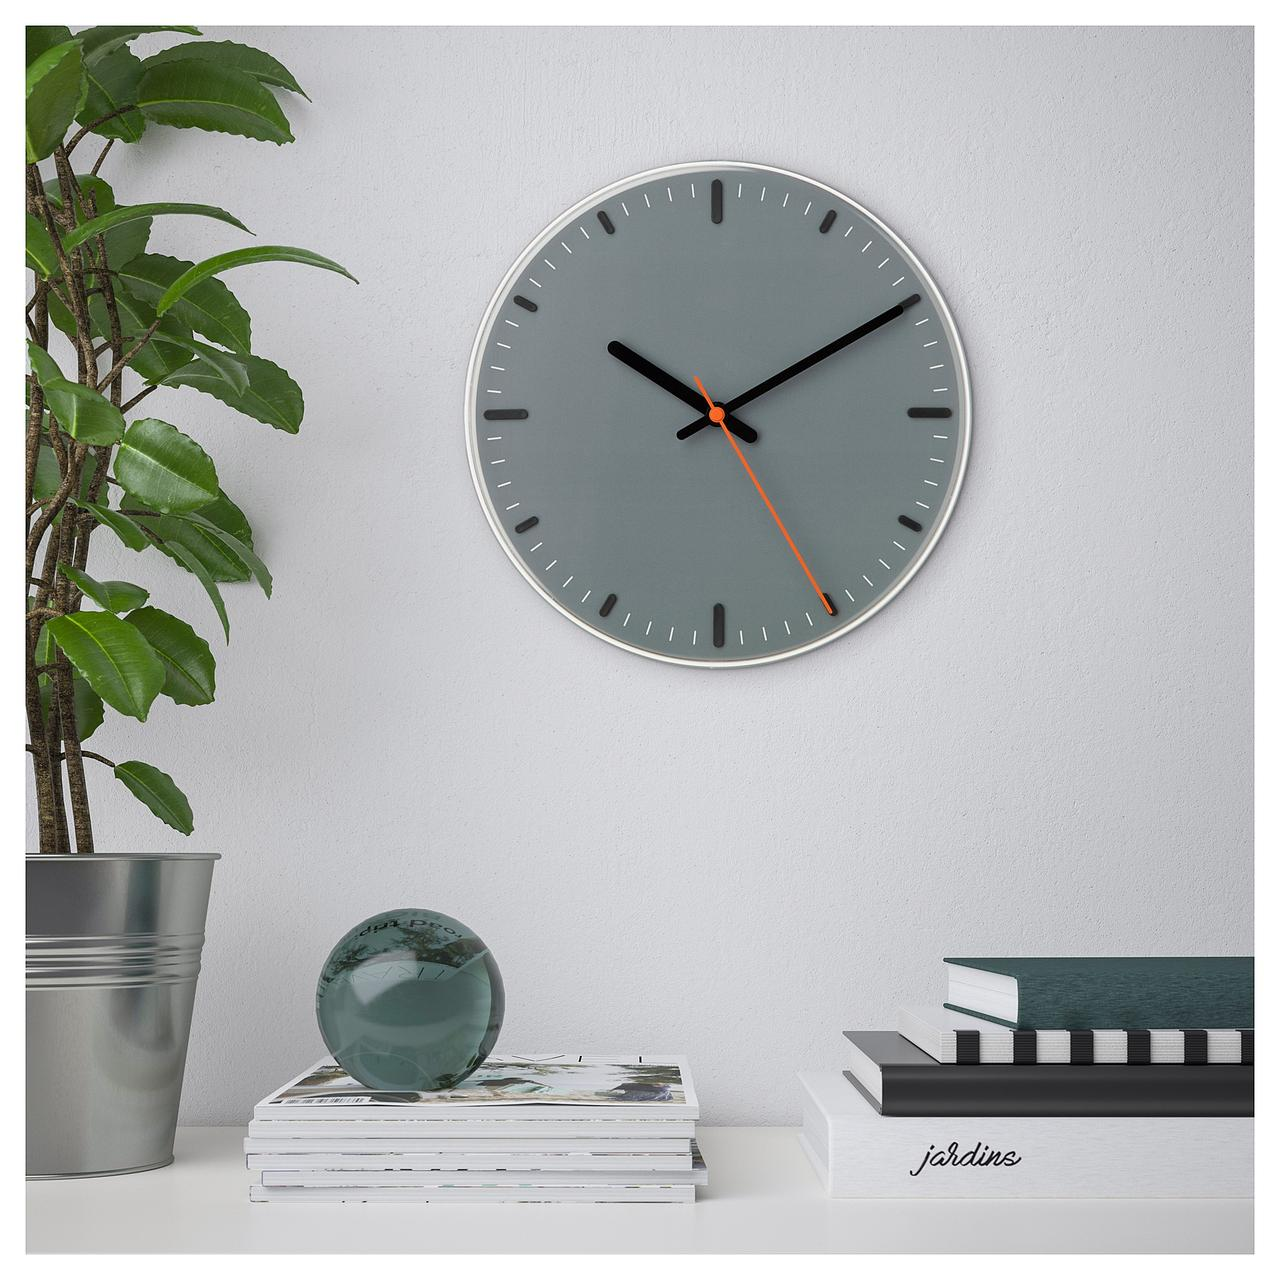 Настенные продать часы ломбард каталог часов